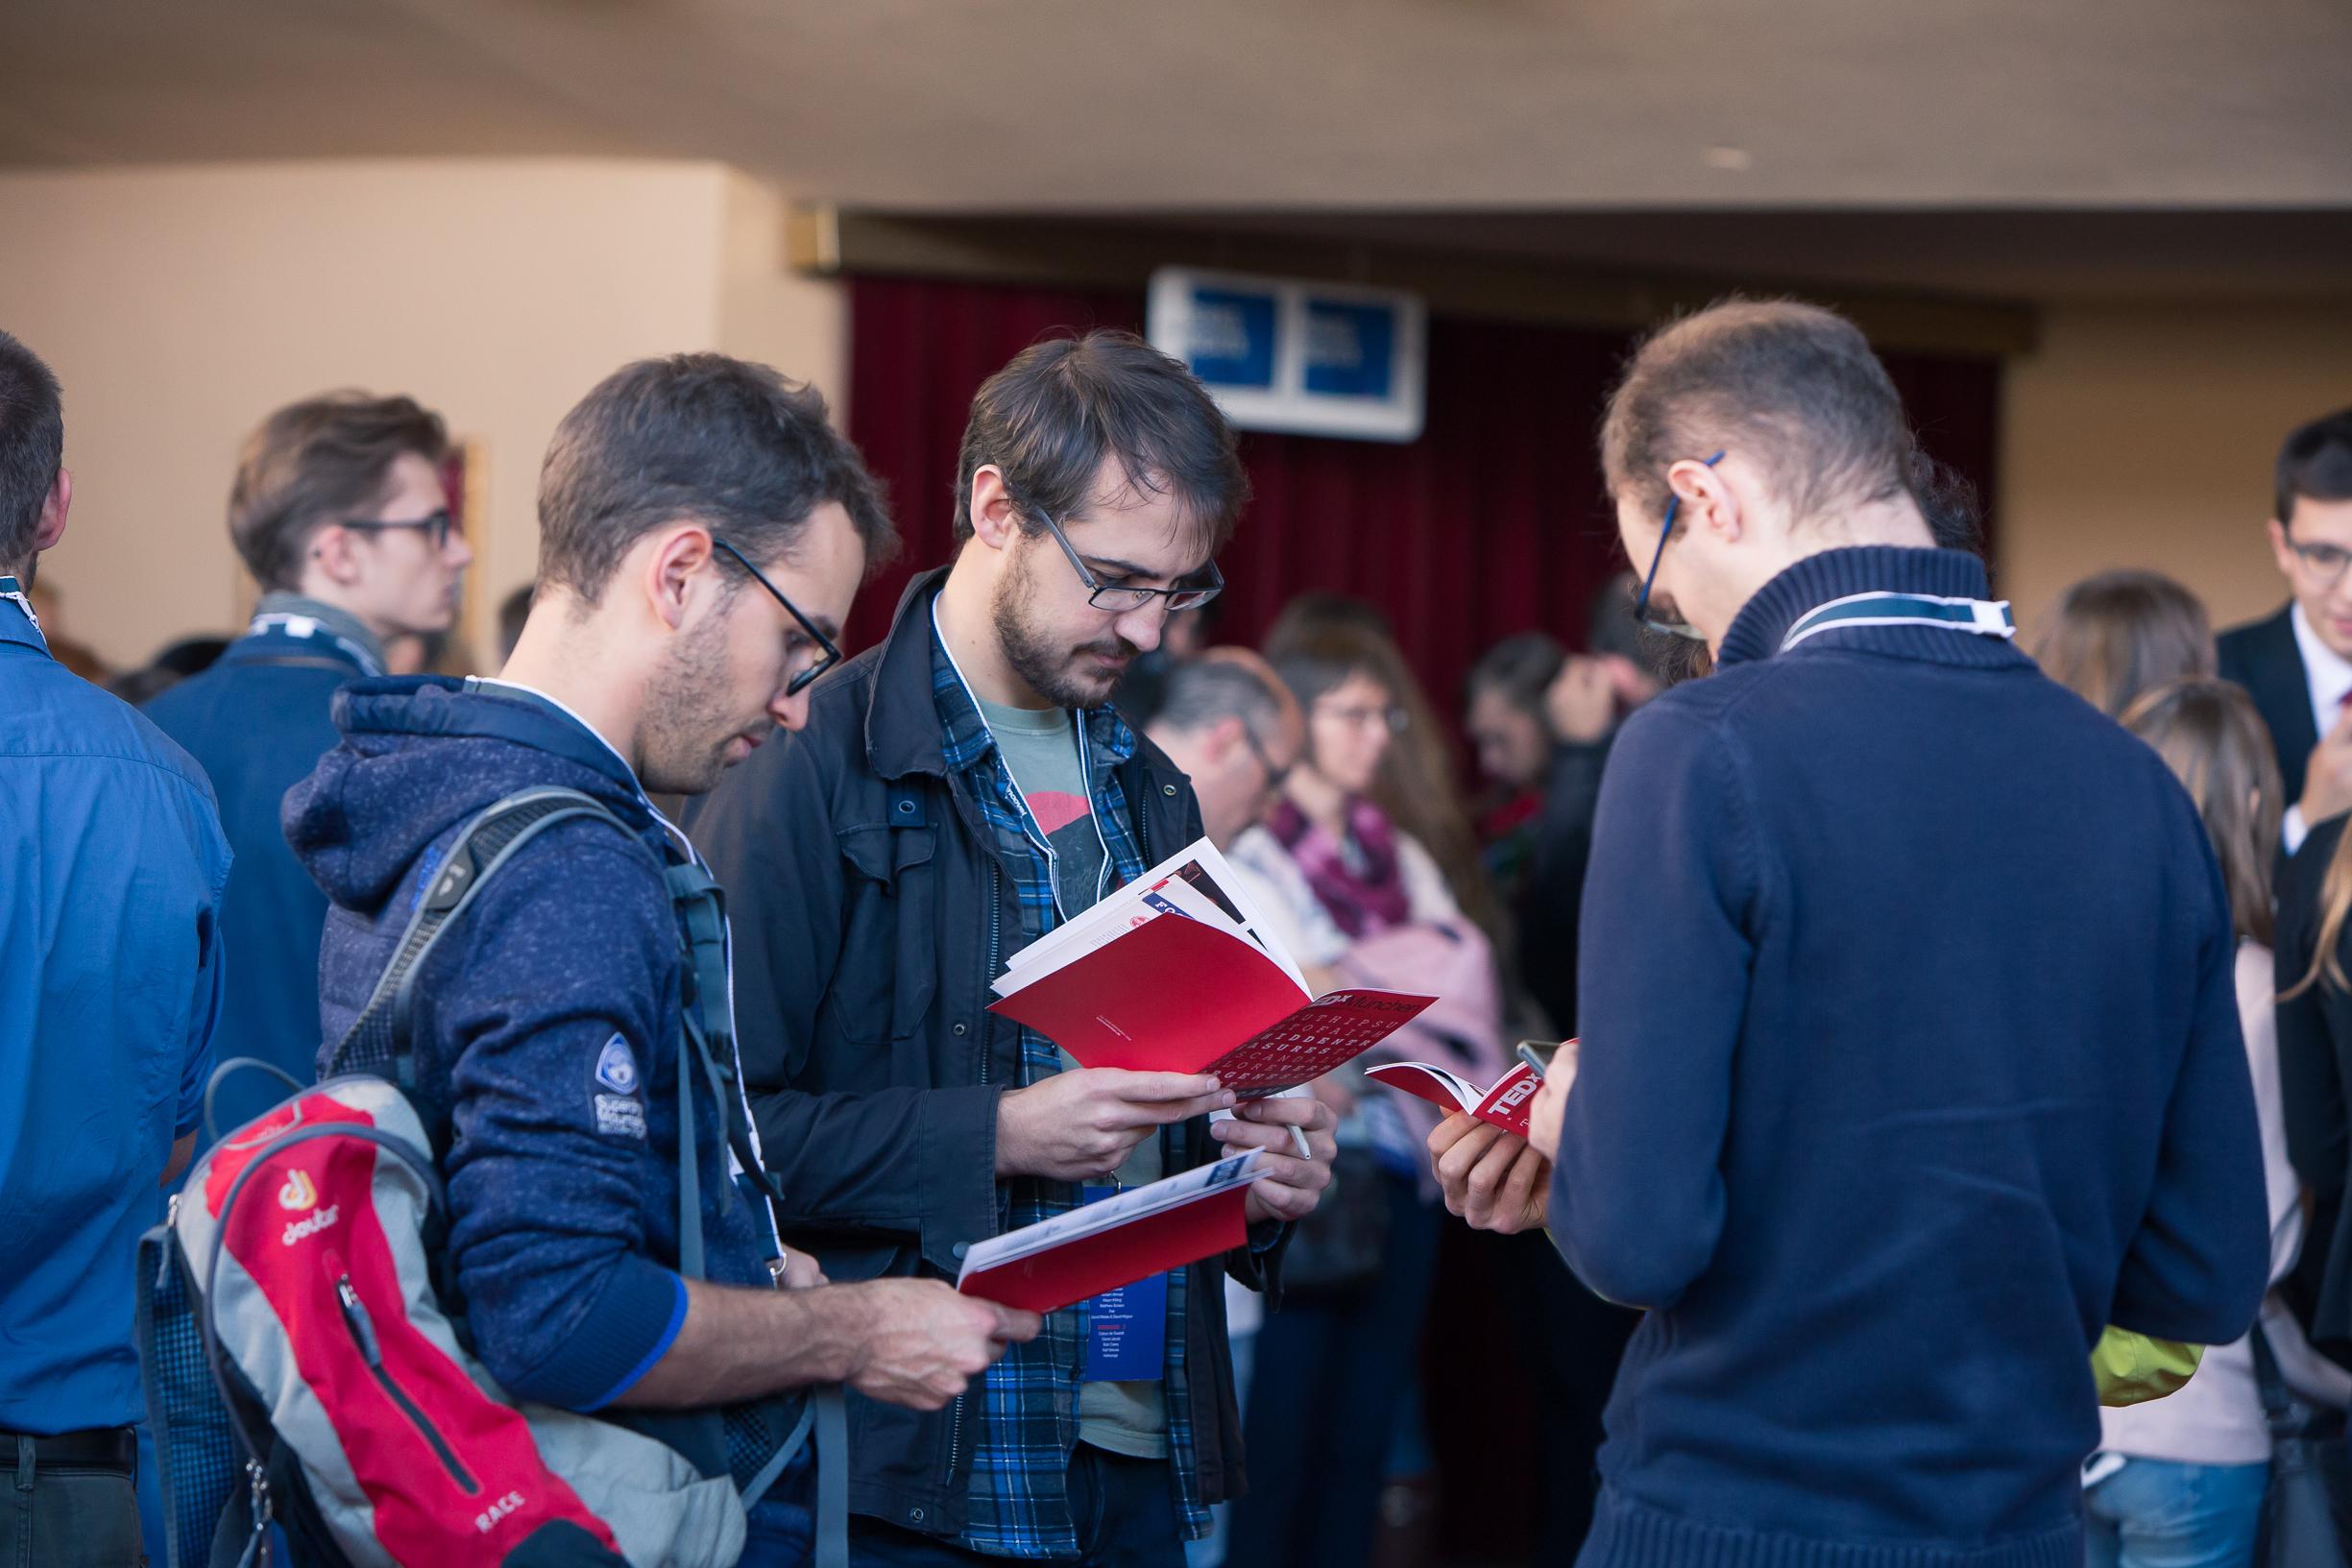 151110-14-40-33_TEDx_munich_hires.jpg